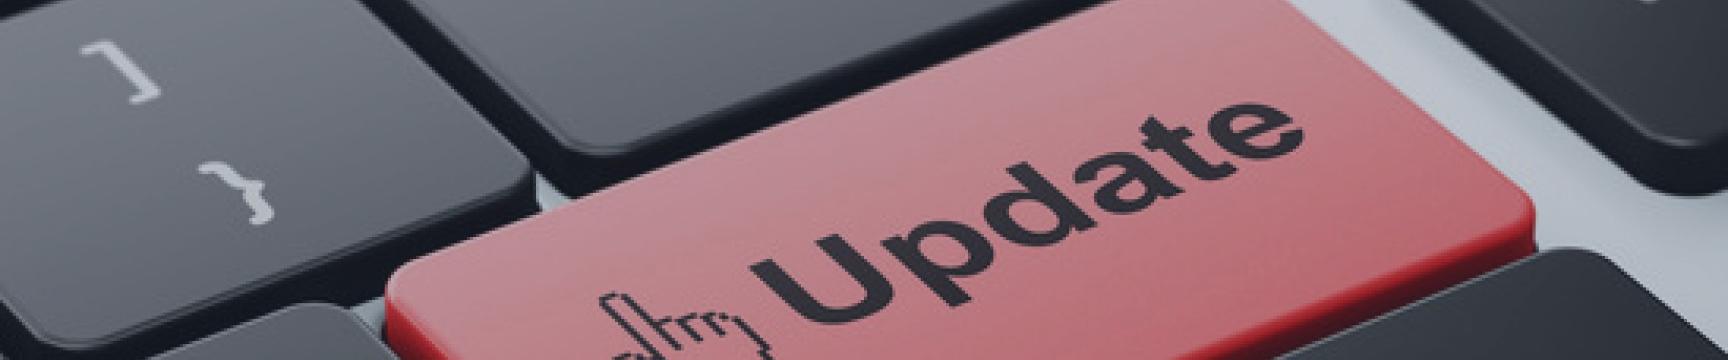 Mt4 Update